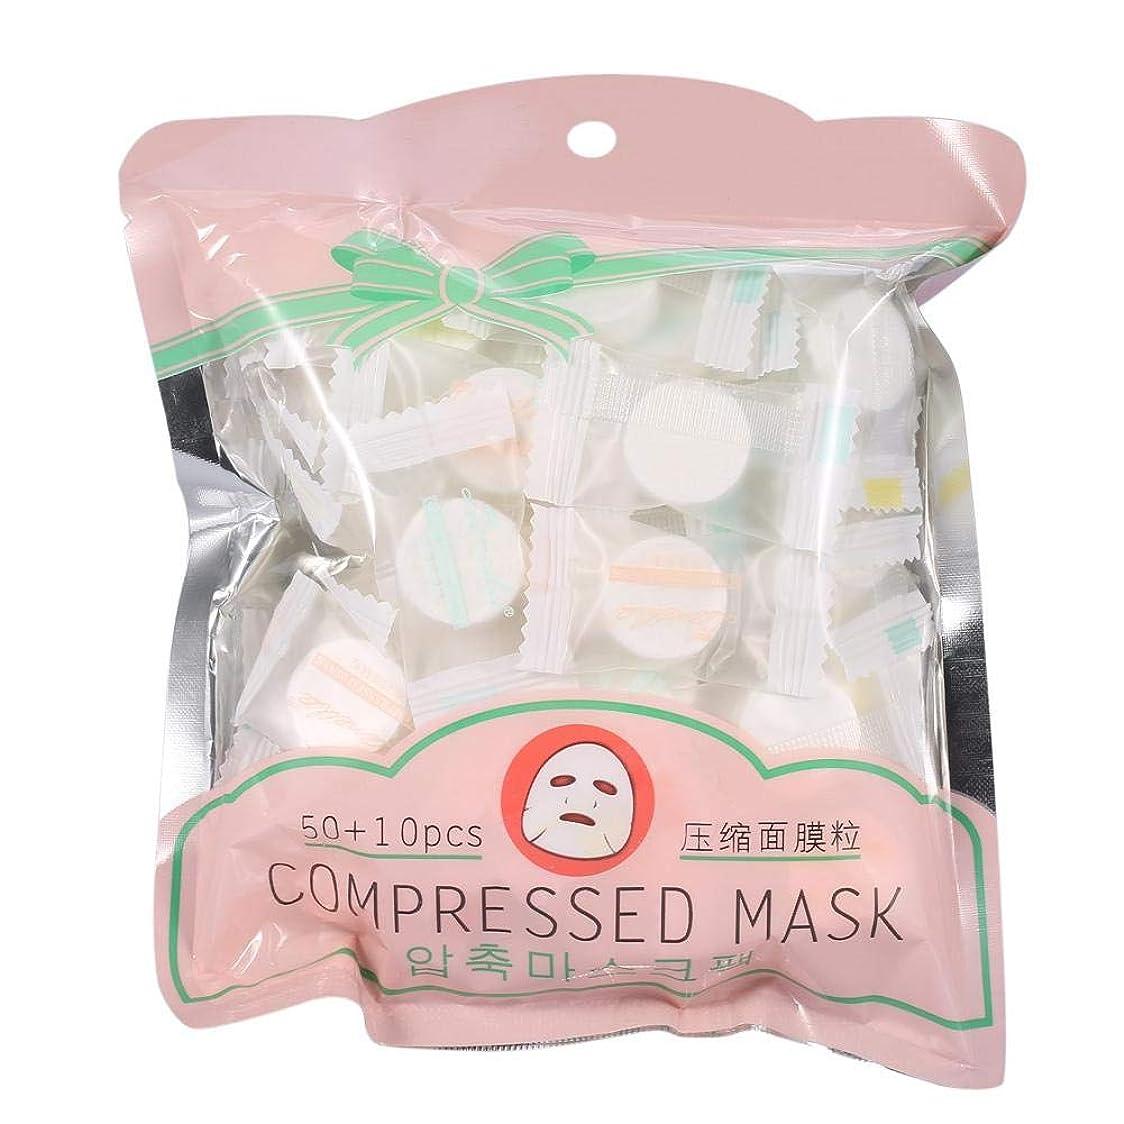 会計士自分の力ですべてをする過激派圧縮マスク、60/30/15ピース屋外旅行圧縮綿使い捨てマスクタブレット布ワイプ紙ティッシュフェイスケアdiyフェイシャルペーパーマスク(60個)